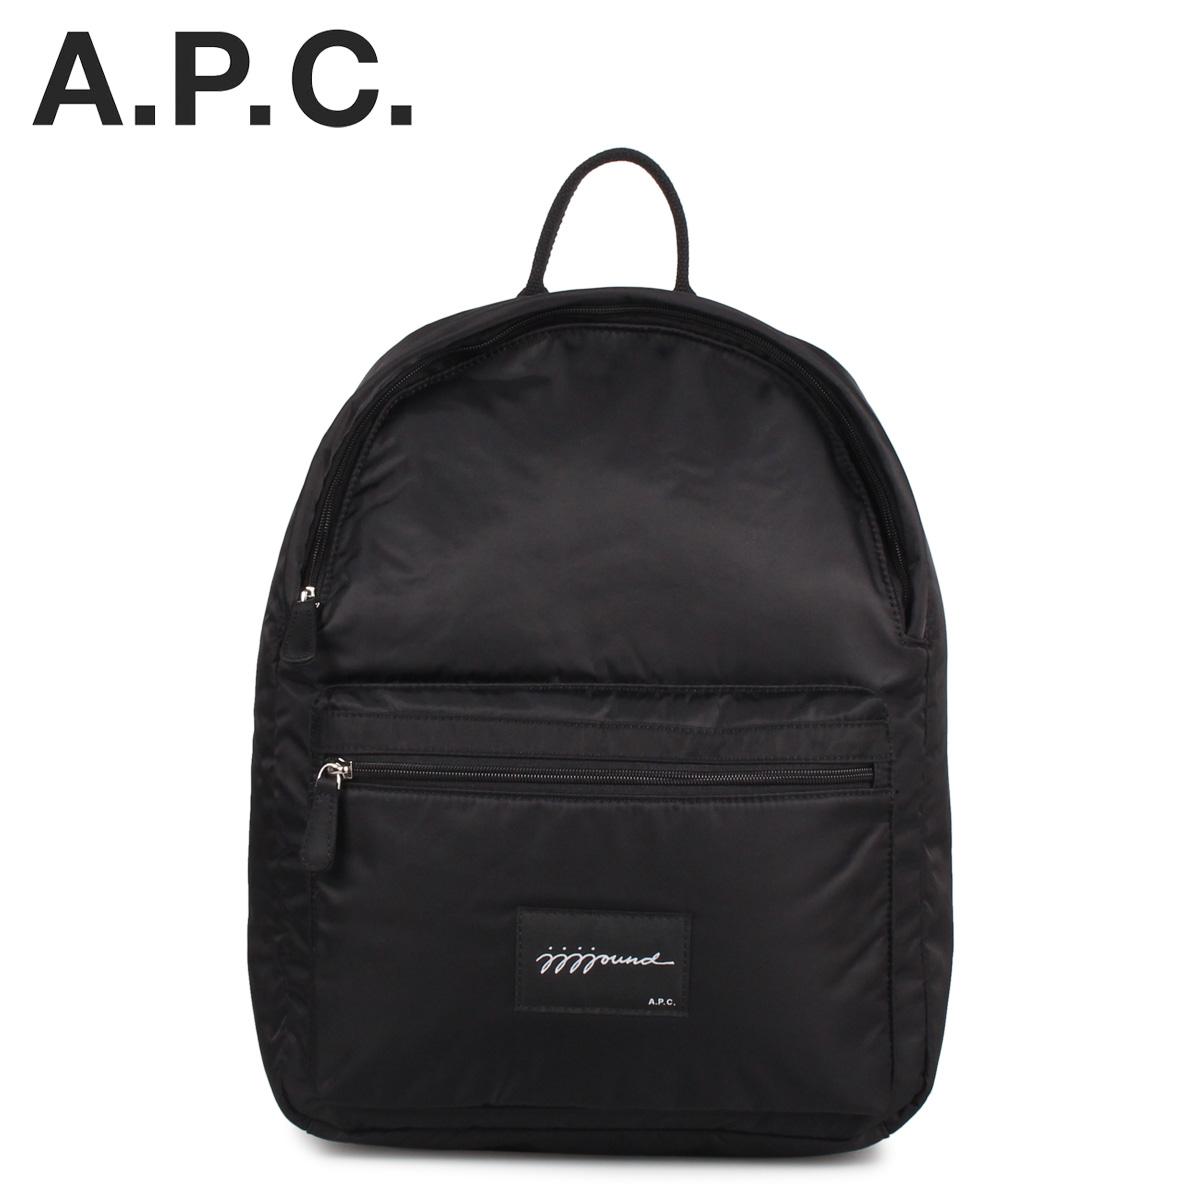 アーペーセー ジョウンド A.P.C. JJJJound リュック バッグ バックパック メンズ レディース コラボ SAC A DOS JJJJOUND ブラック 黒 PAACL-H62123